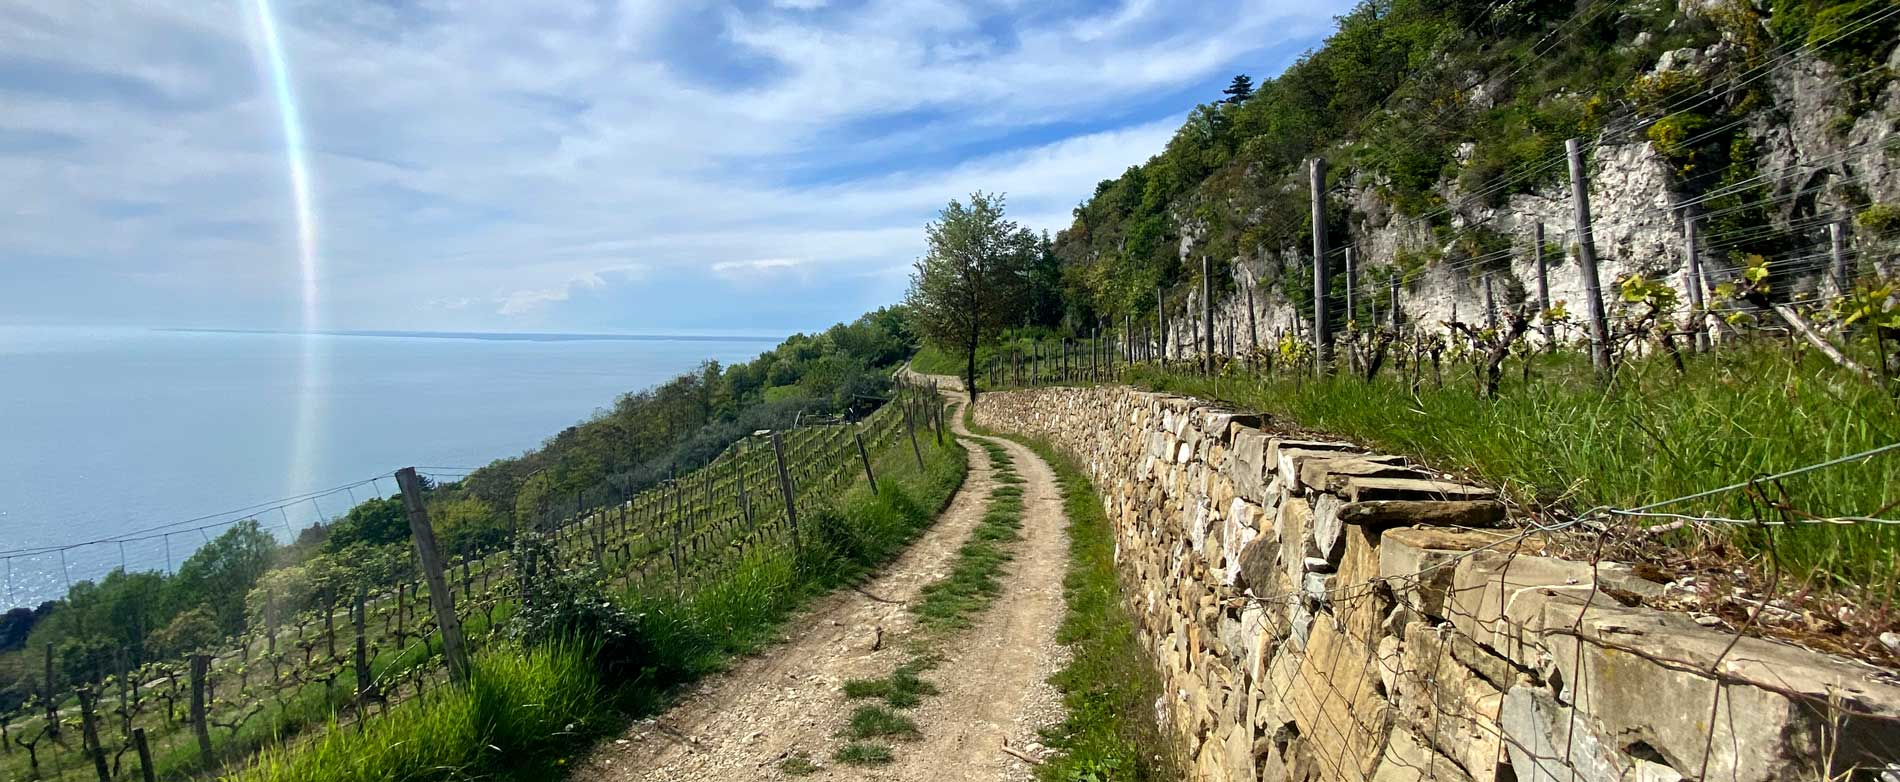 Vigne di Vitovska affacciate sul Castello di Miramare.